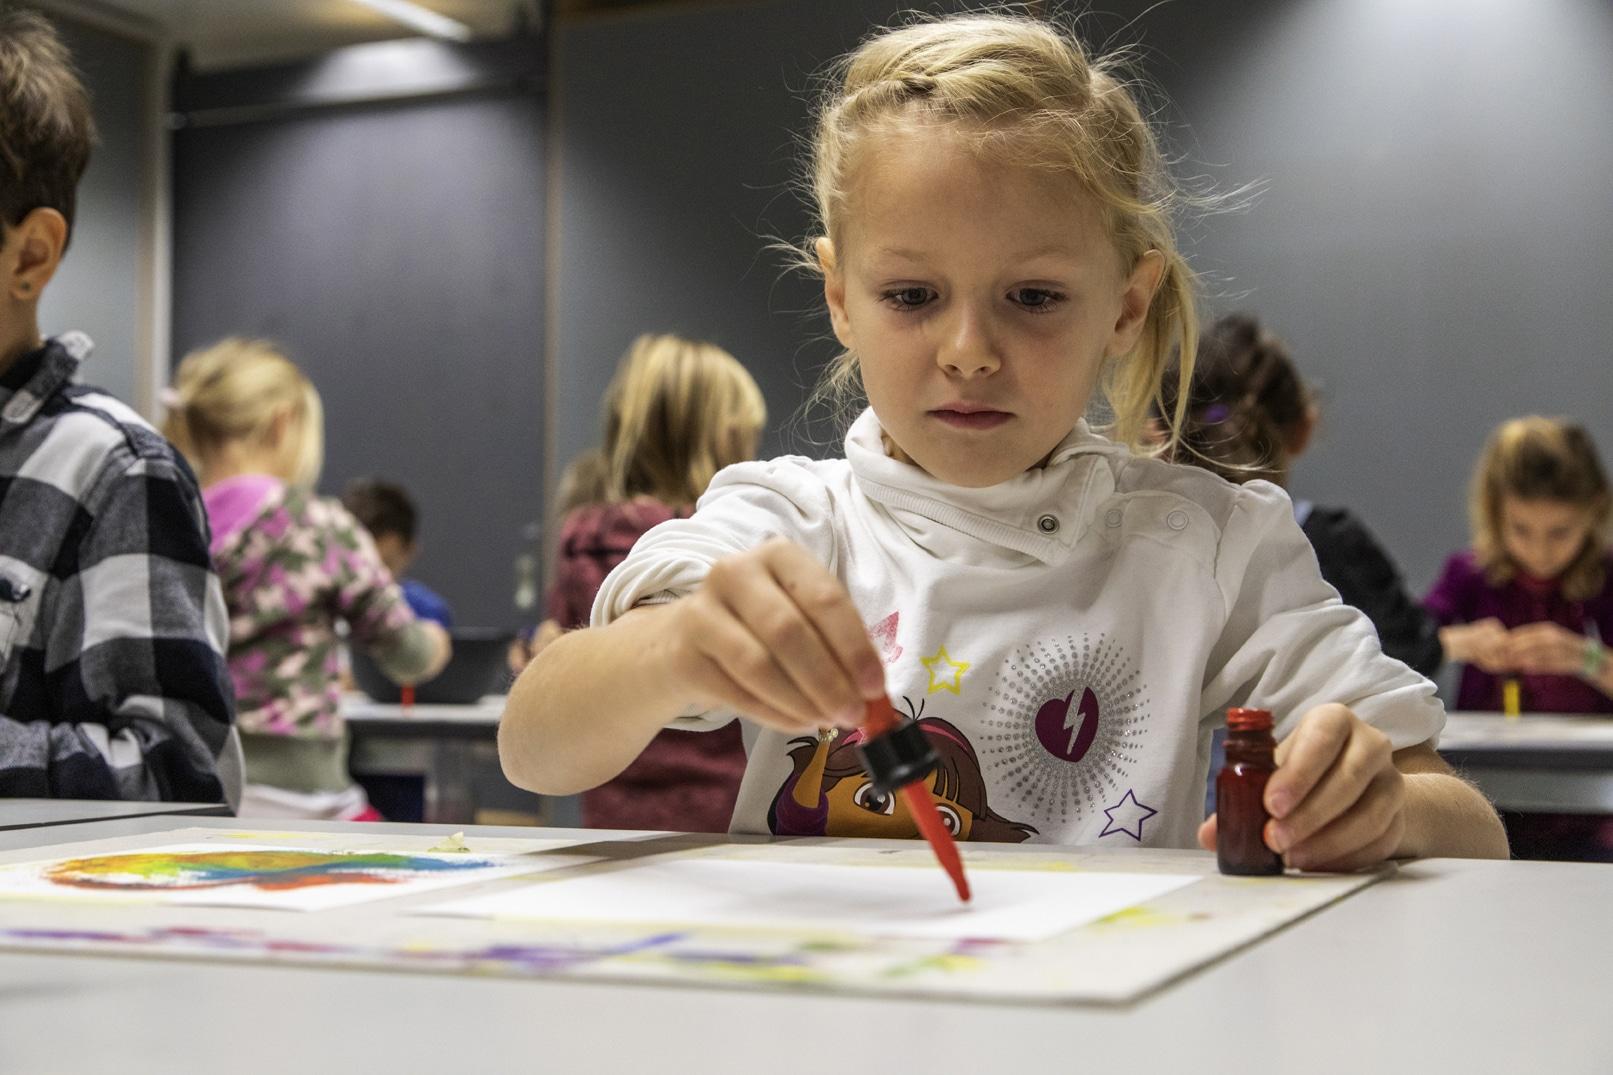 Kind mit Pipette am Malen_Kunstvermittlung